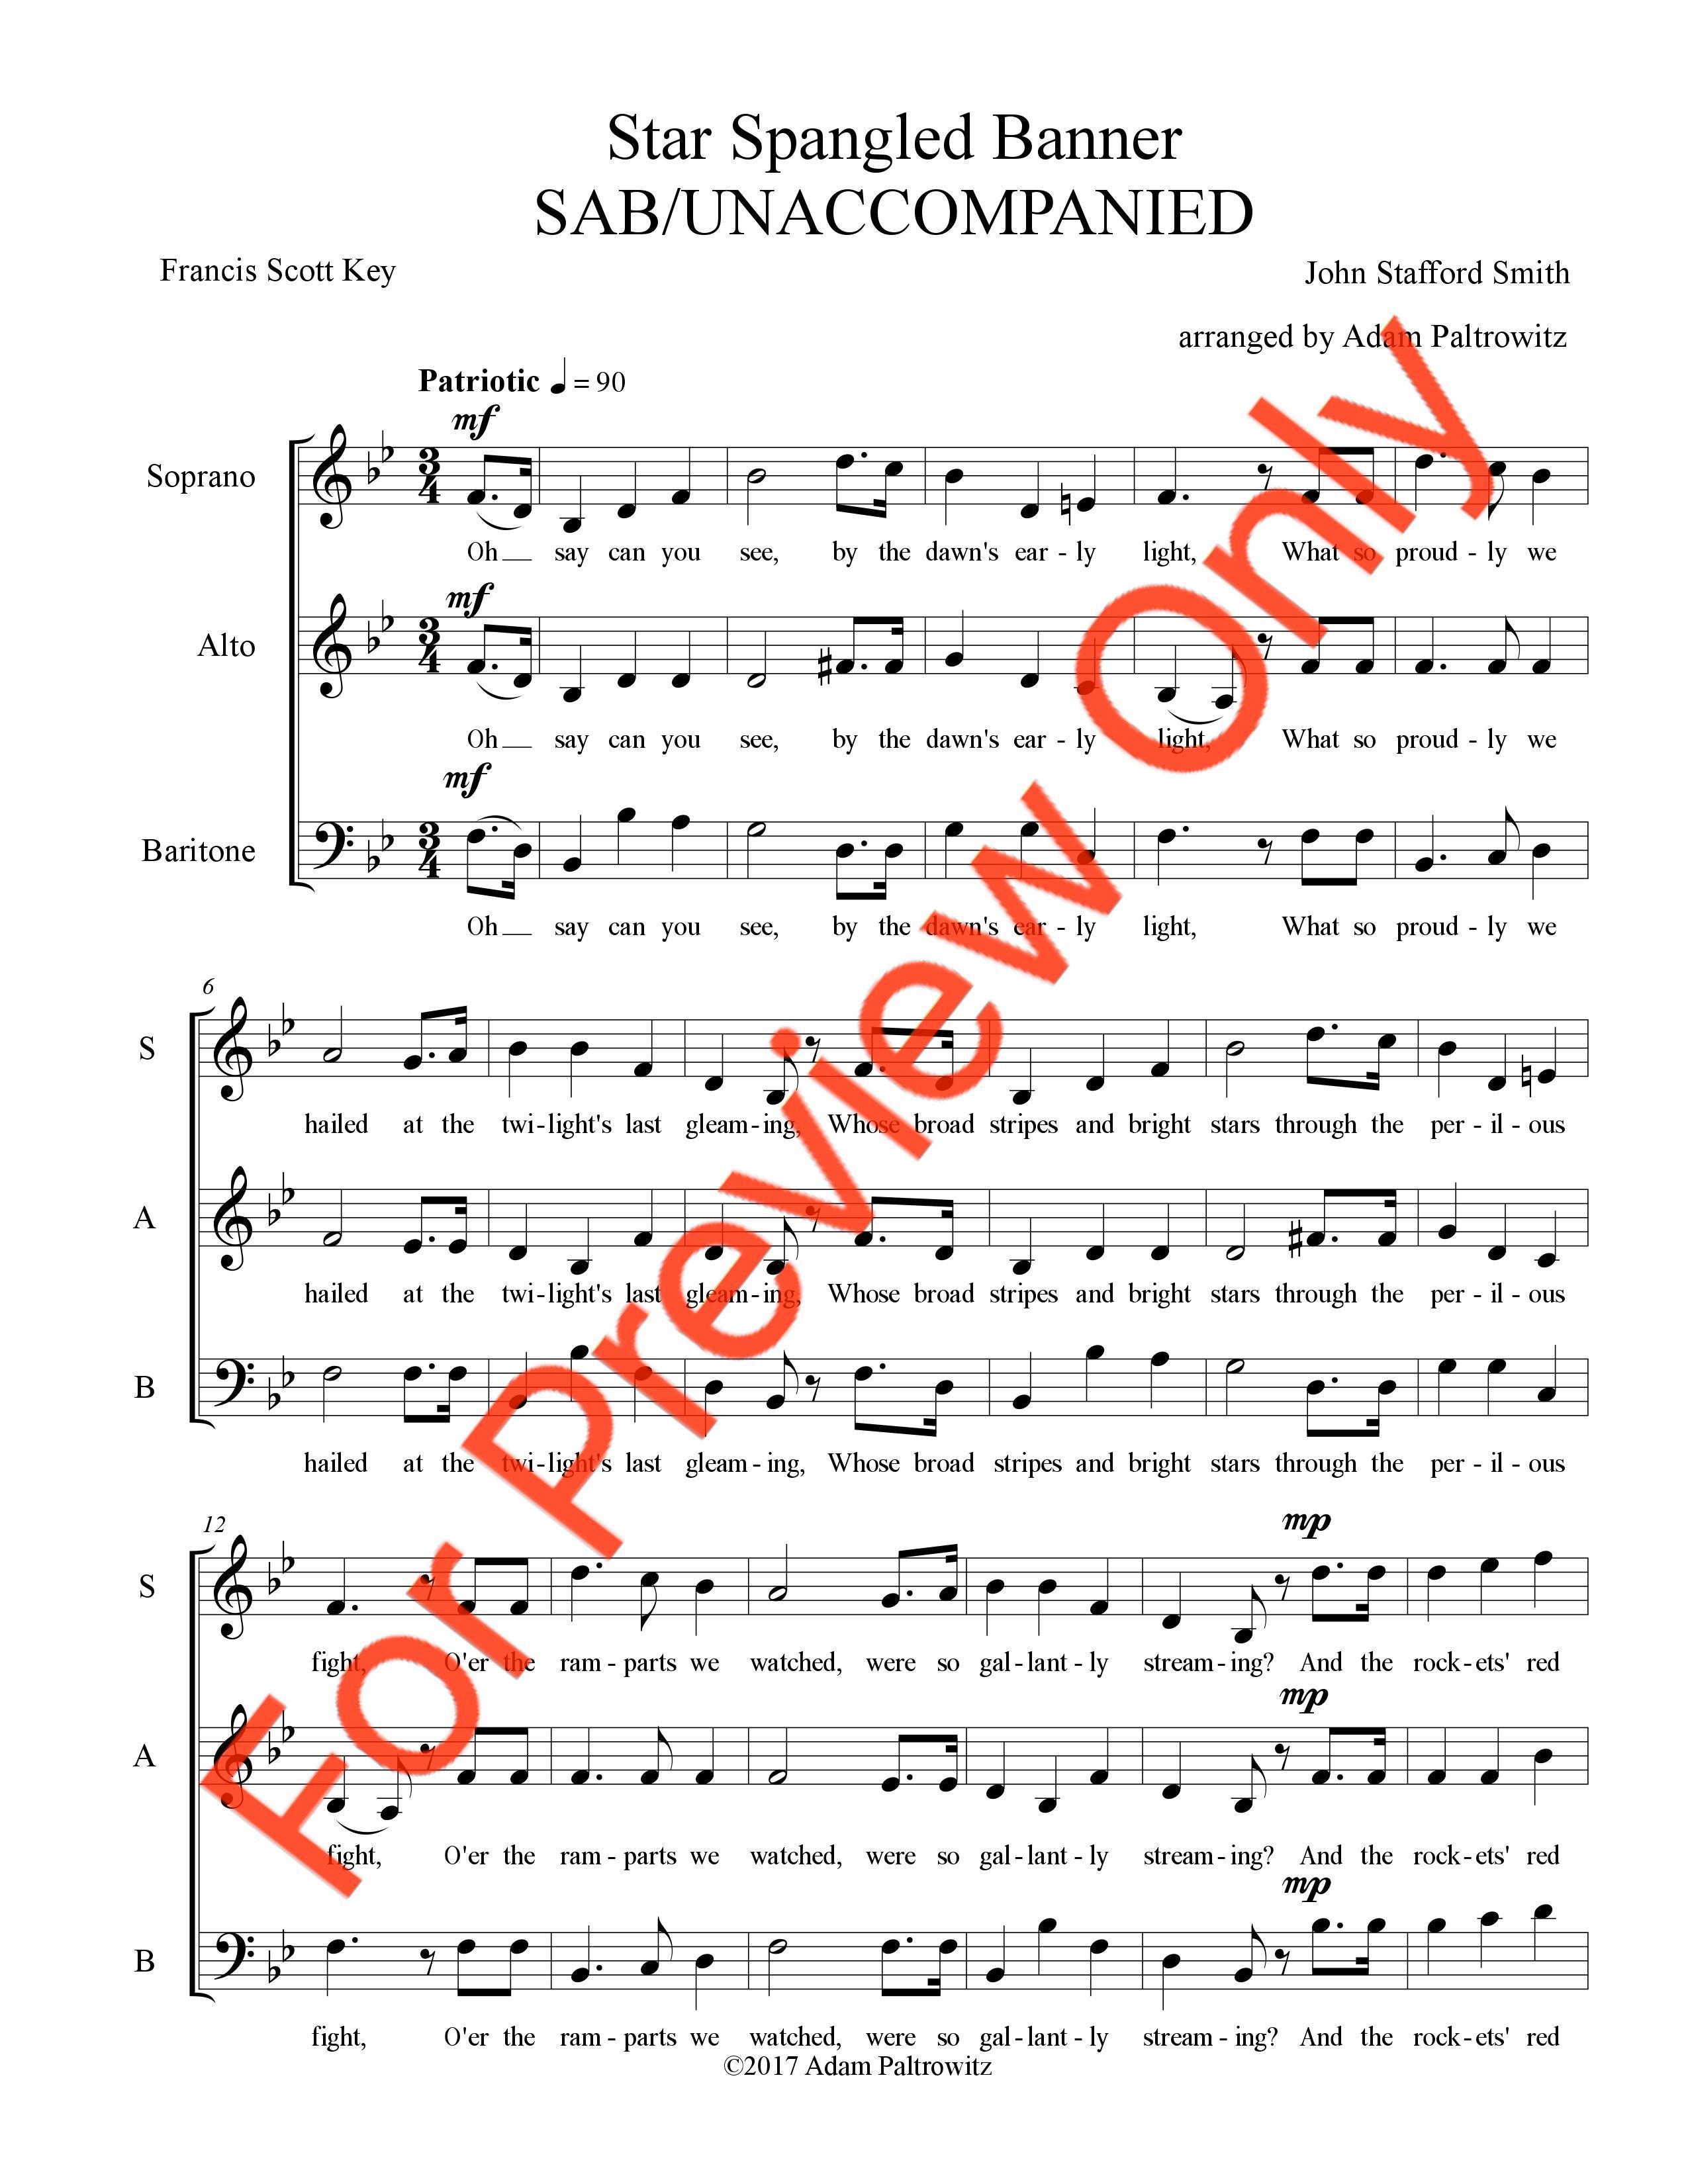 Star-Spangled Banner (SAB - Unaccompanied) - Choral Clarity